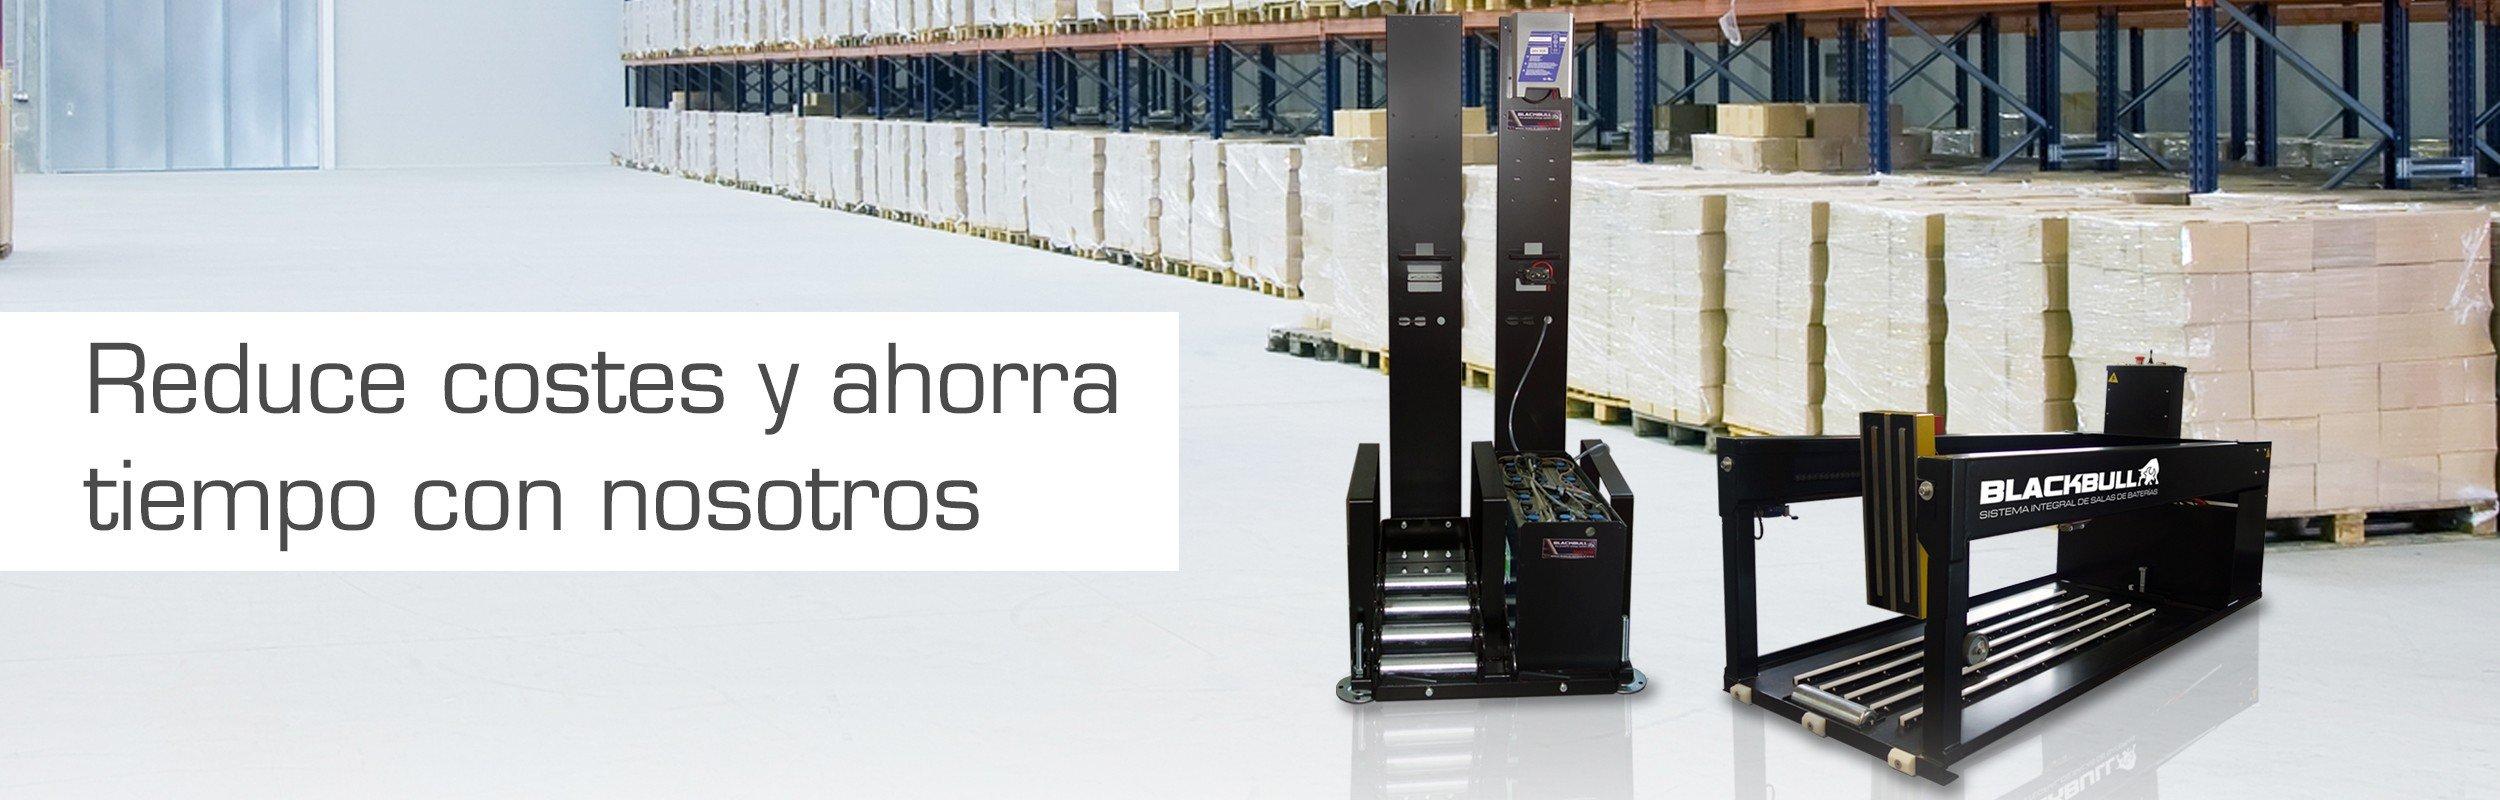 Salas de baterías y complementos :: Baterías tracción, baterías carretillas, baterías transpaletas